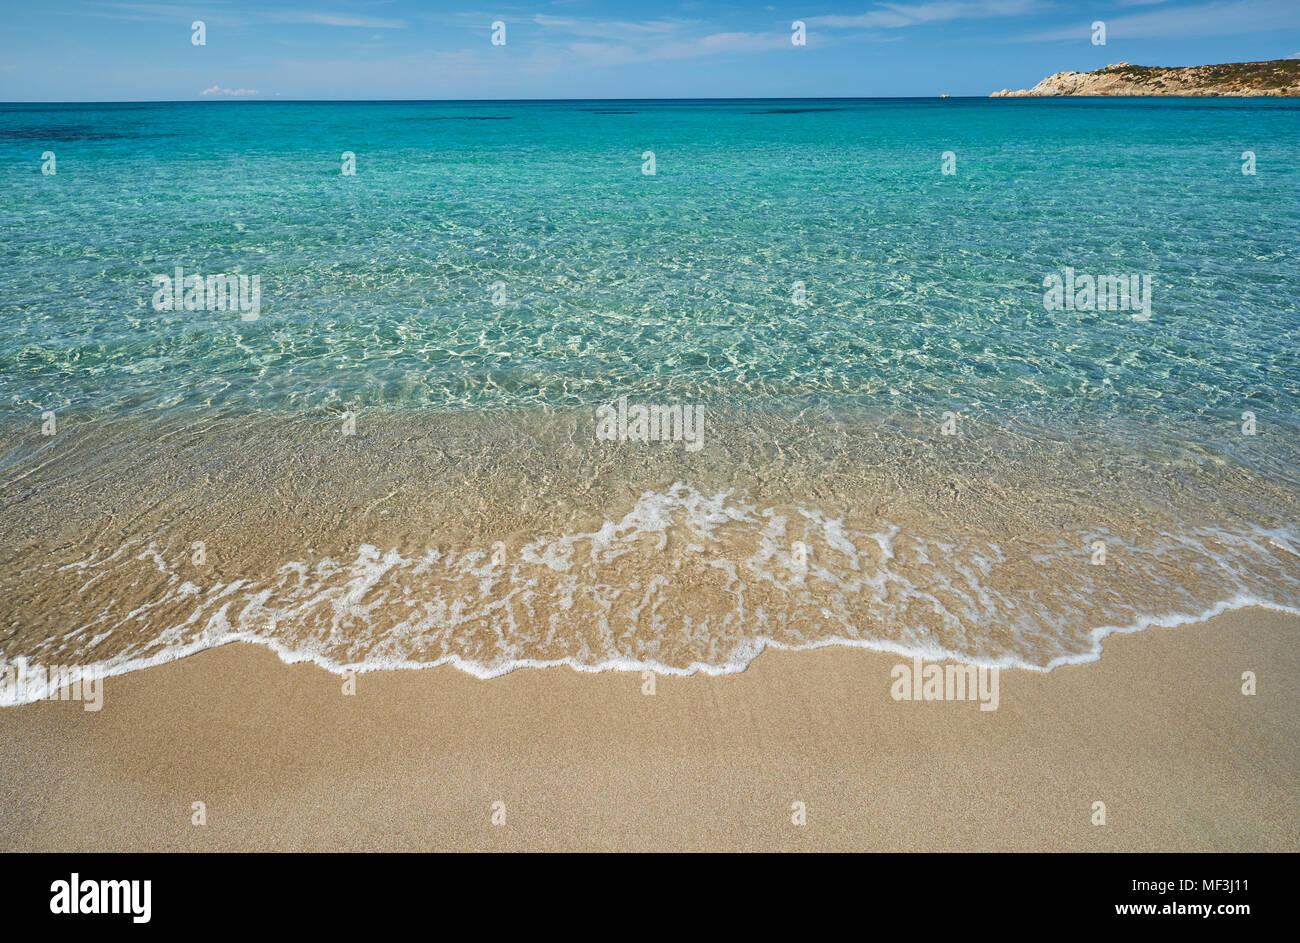 Italy, Sardinia, Rena Majori - Stock Image